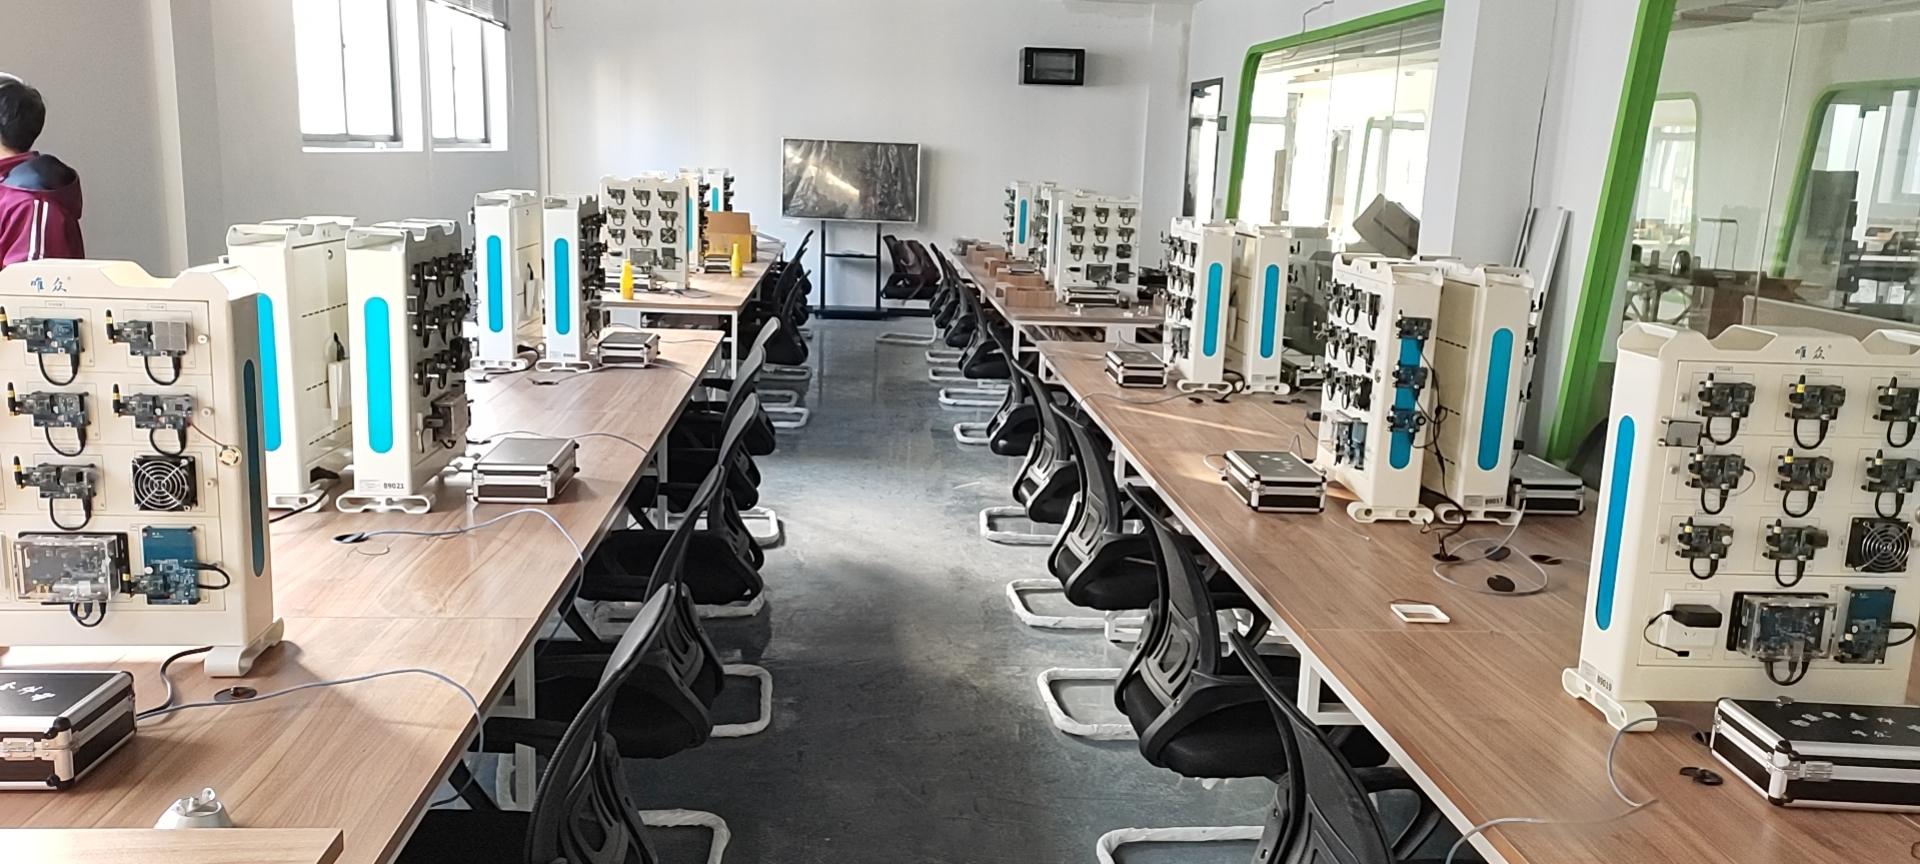 湖北生态工程职业技术学院信息机电学院智慧林业物联网实训室